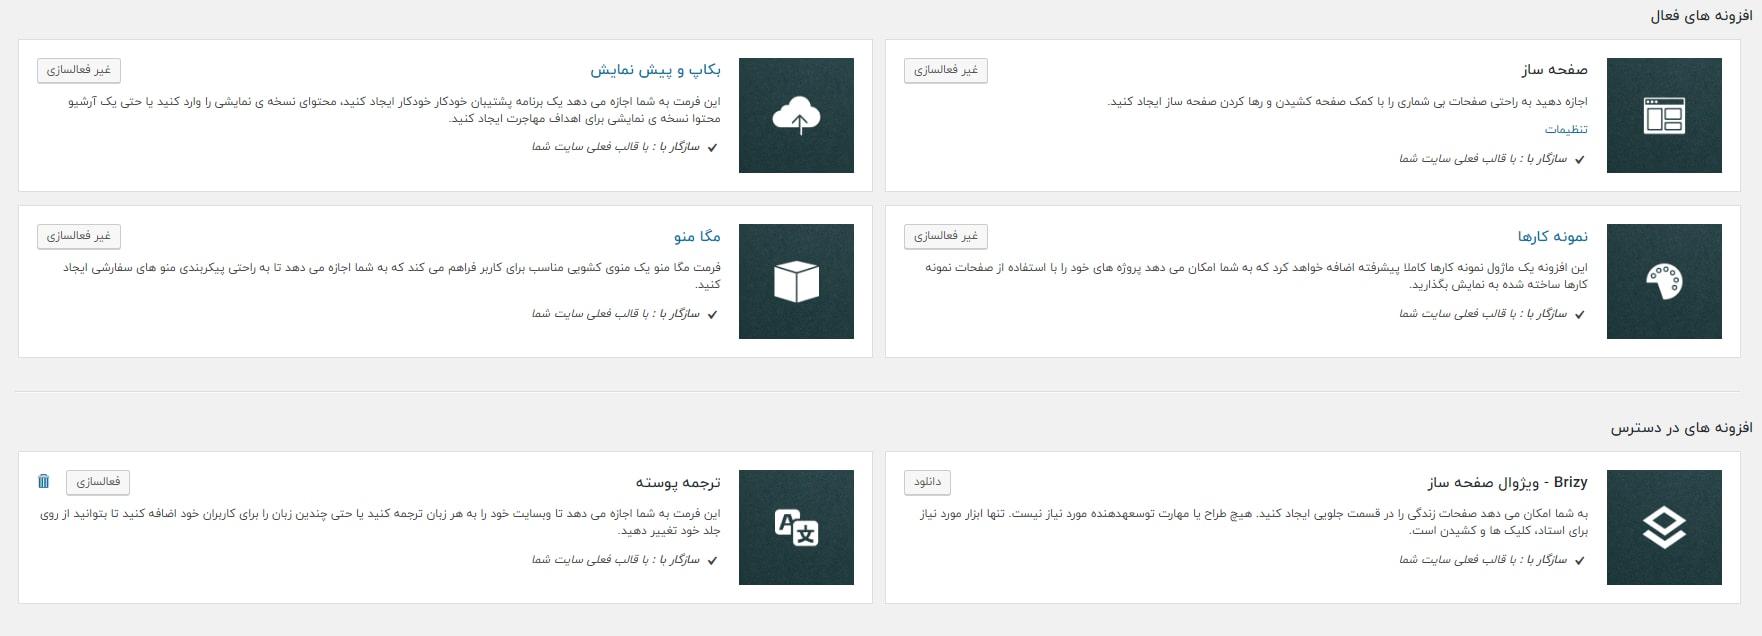 صفحه ساز کاملا راستچین و فارسی سازی شده